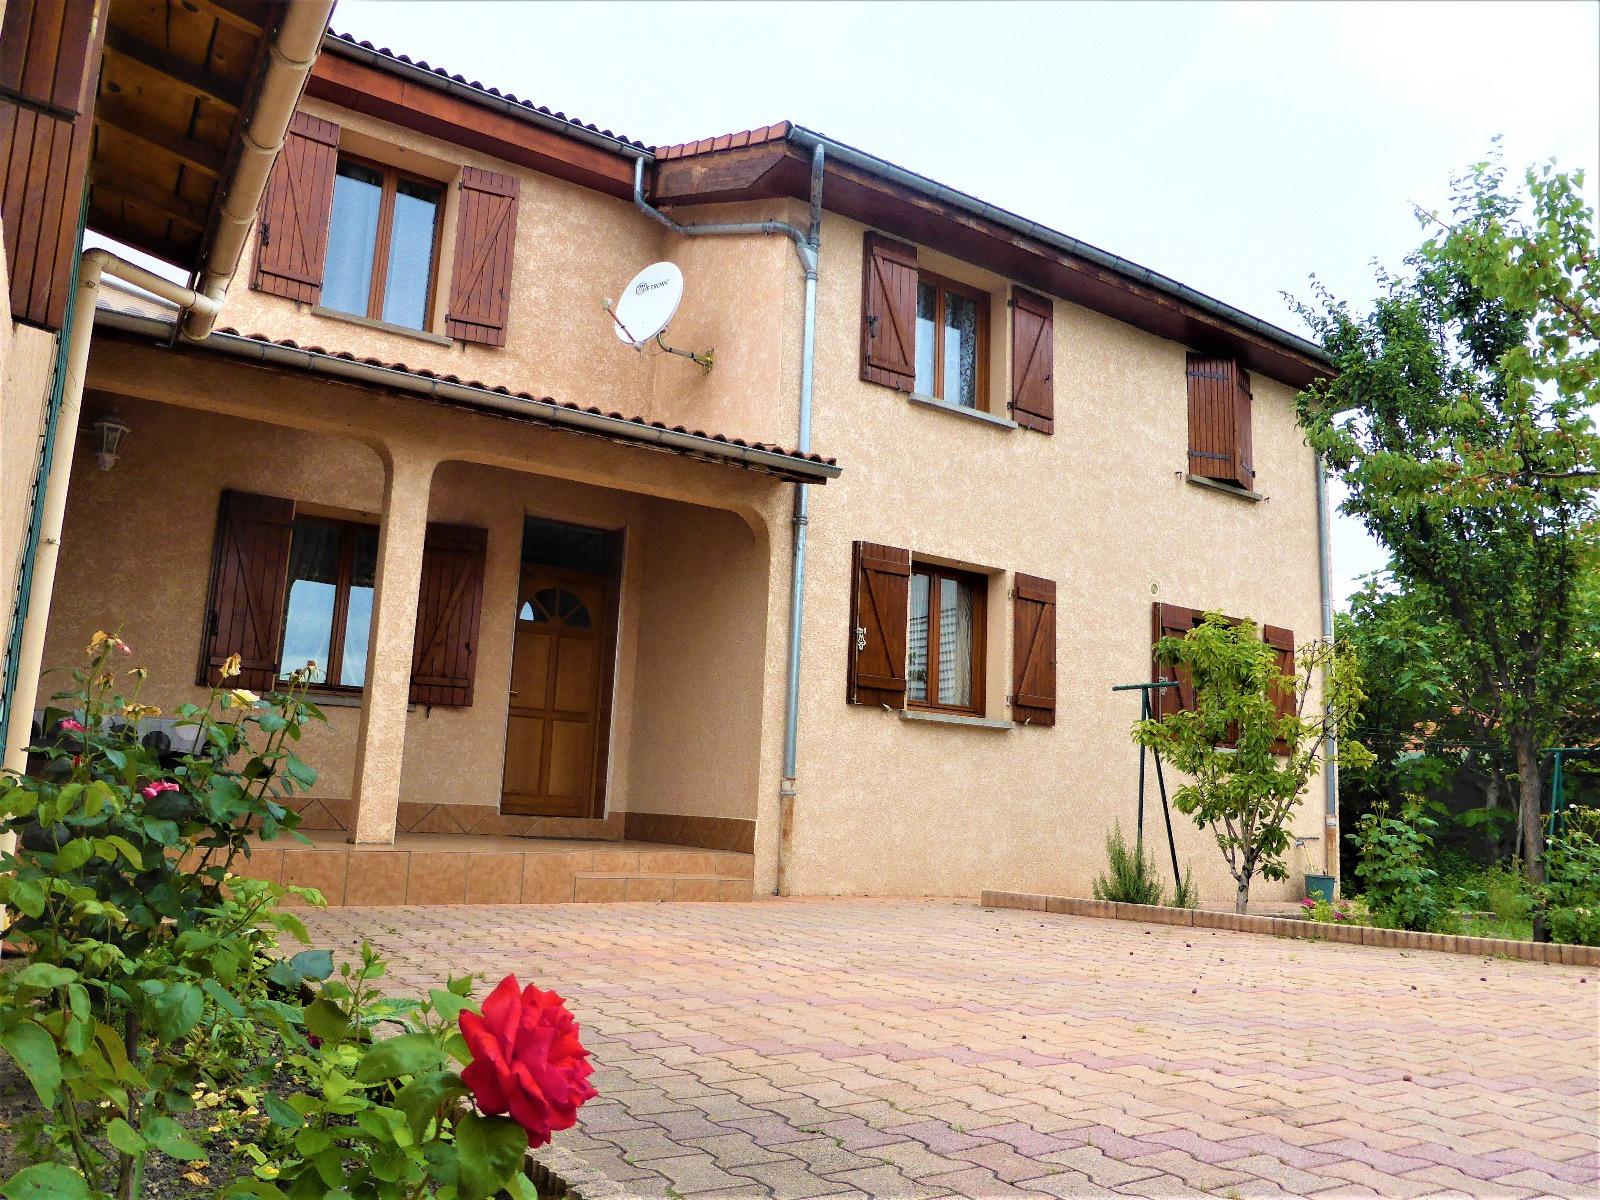 Vente maisons et villas aet immobilier - Maison jardin nantes clermont ferrand ...